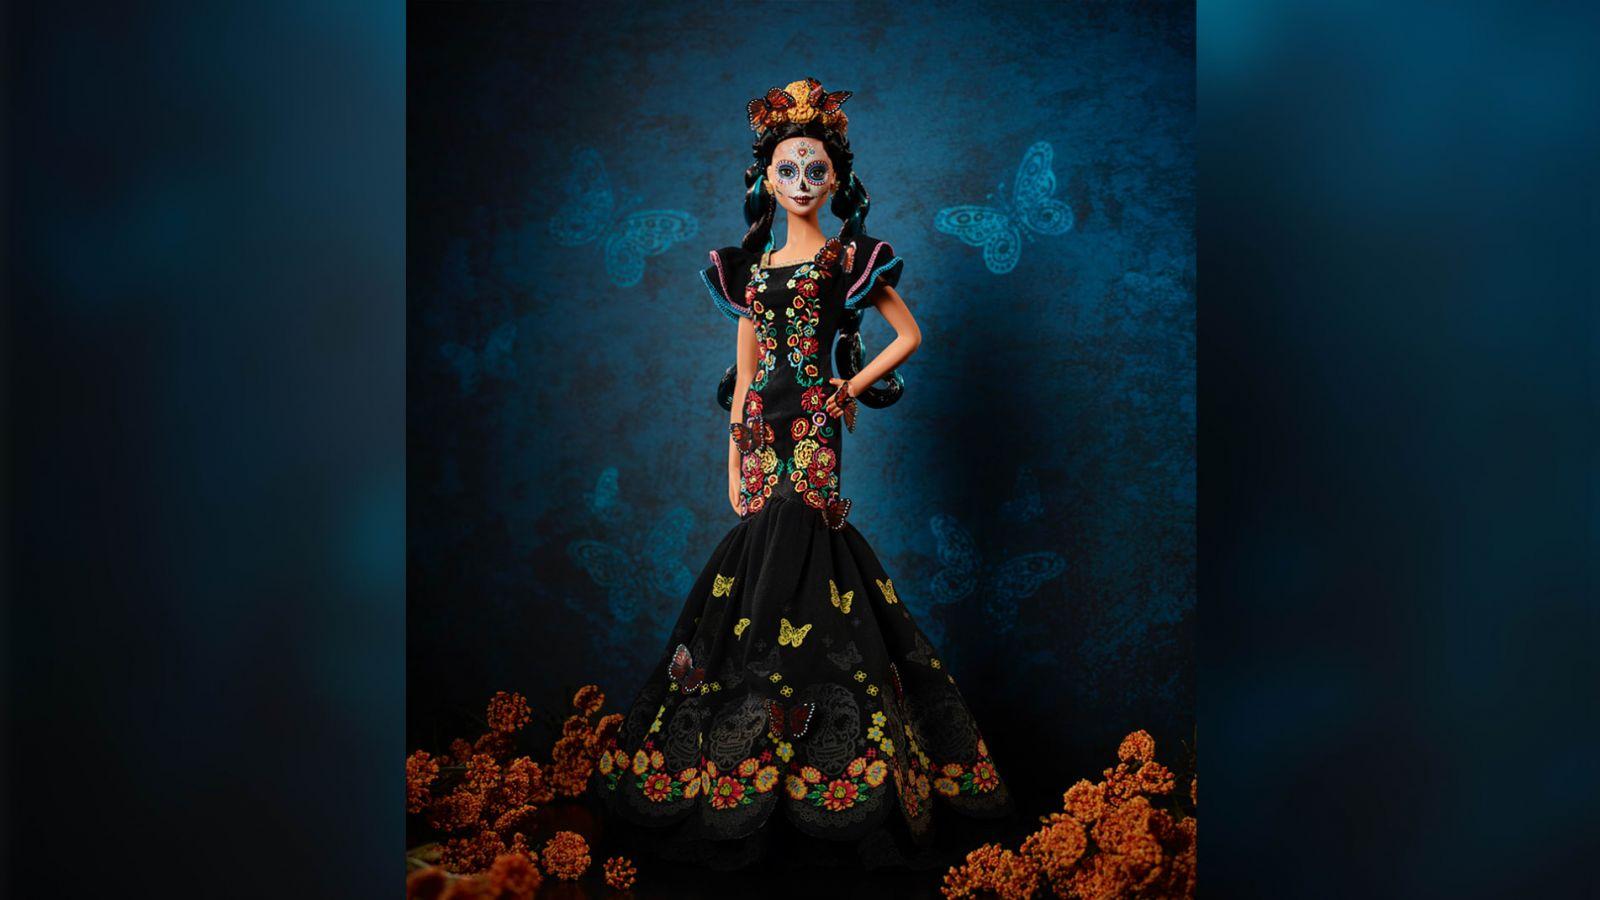 Mattel выпустит зловещую Барби к мексиканскому Дню Мертвых